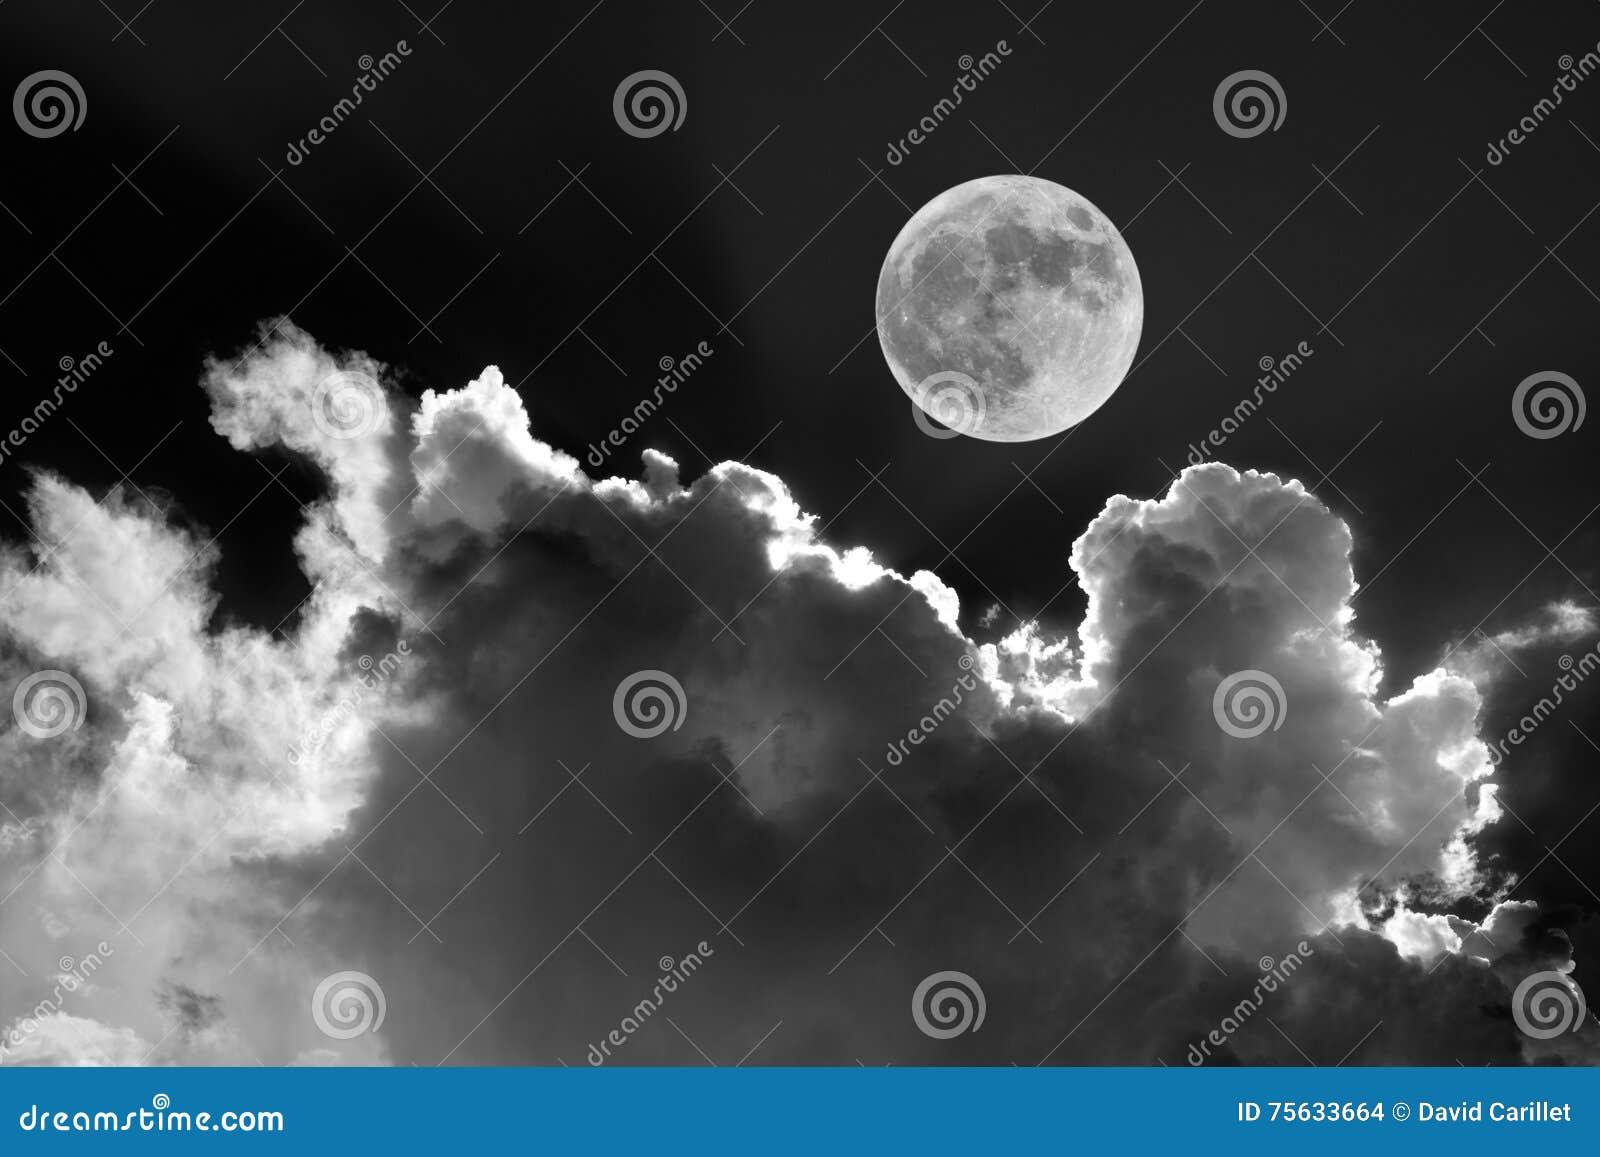 黑白在夜空的满月与梦想的被月光照亮云彩